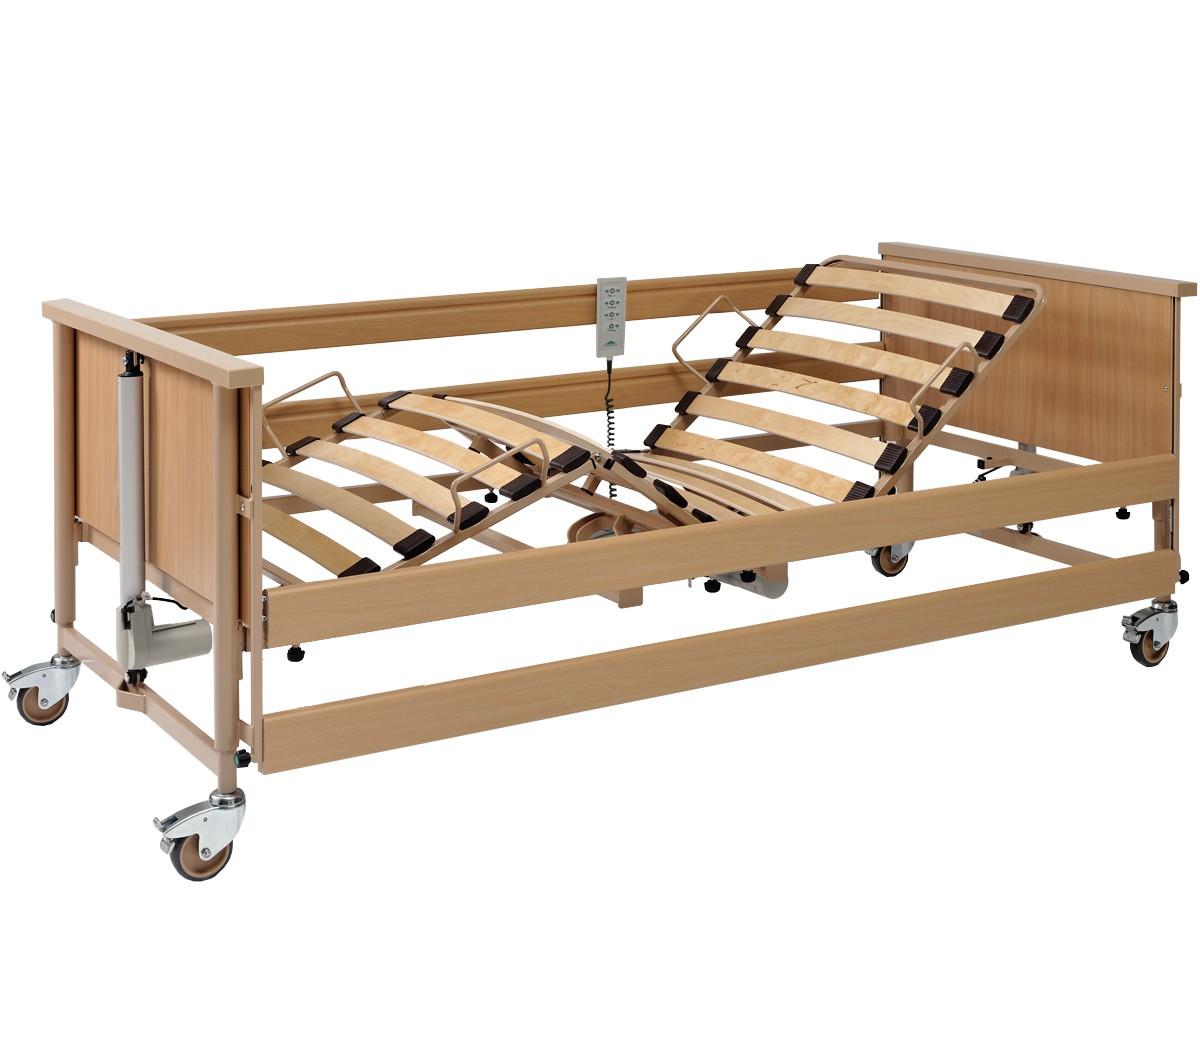 łóżko Rehabilitacyjne Elektryczne Dali Economic Używane